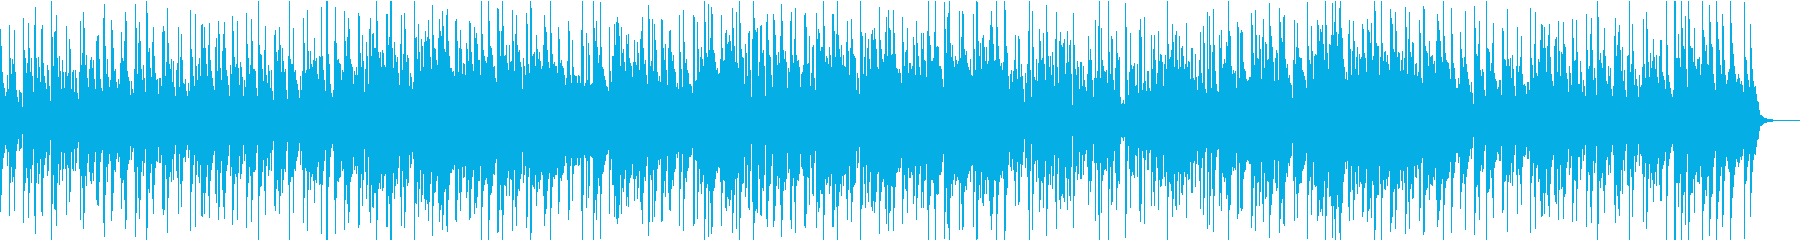 「ジングルベル」ジャズアレンジカバーの再生済みの波形